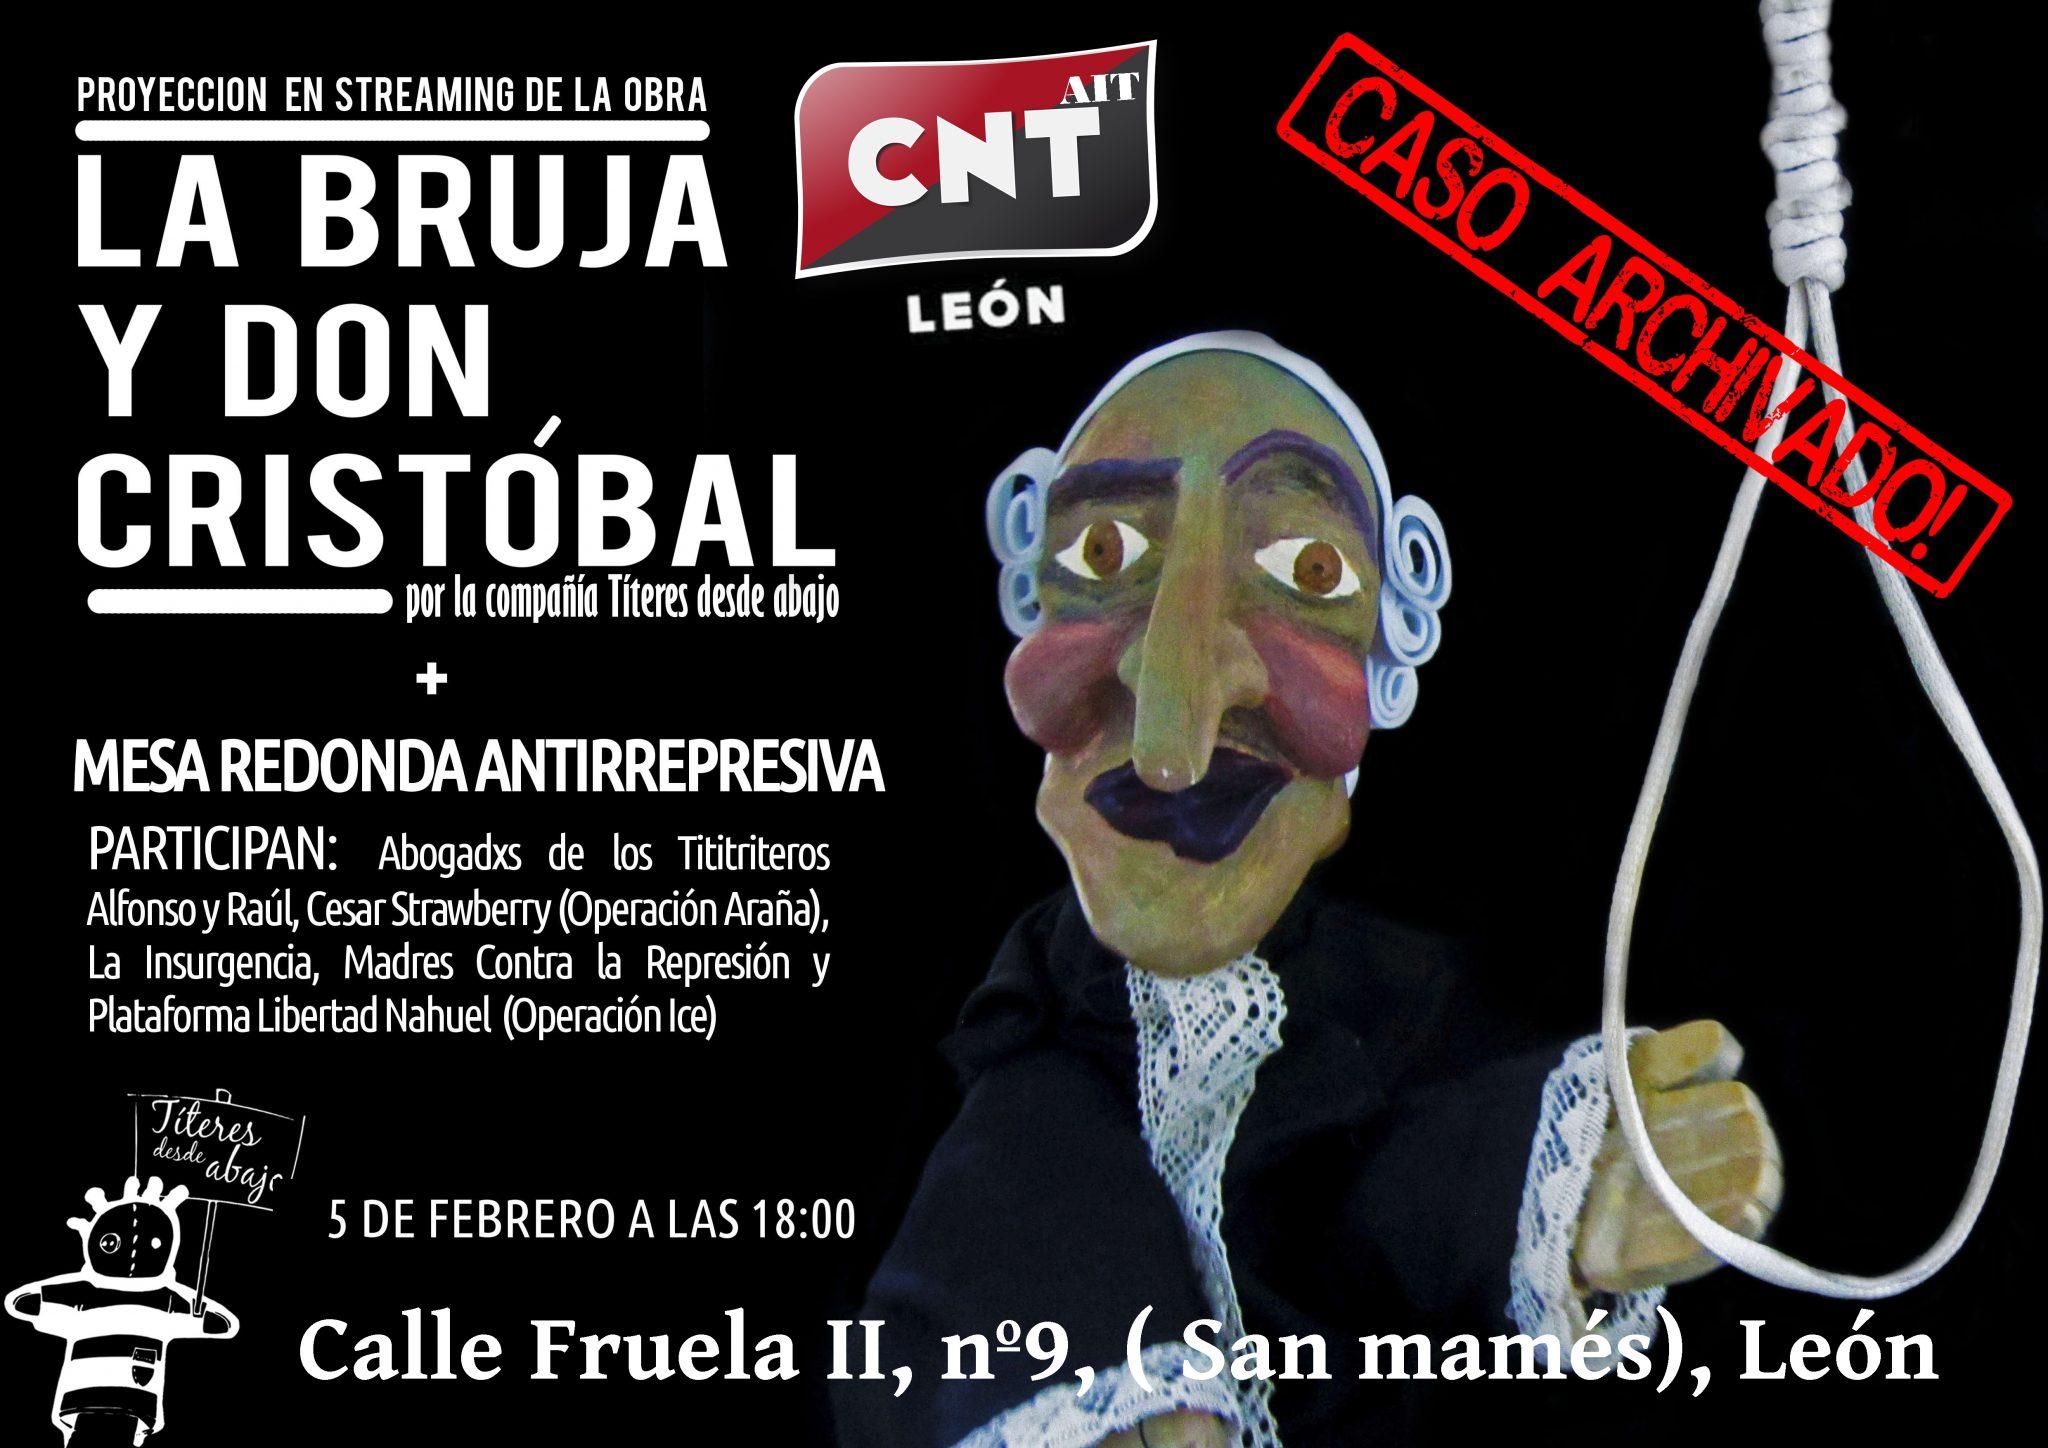 5 de Febrero – Aniversario de la detención de Titiriteros – Streaming en directo